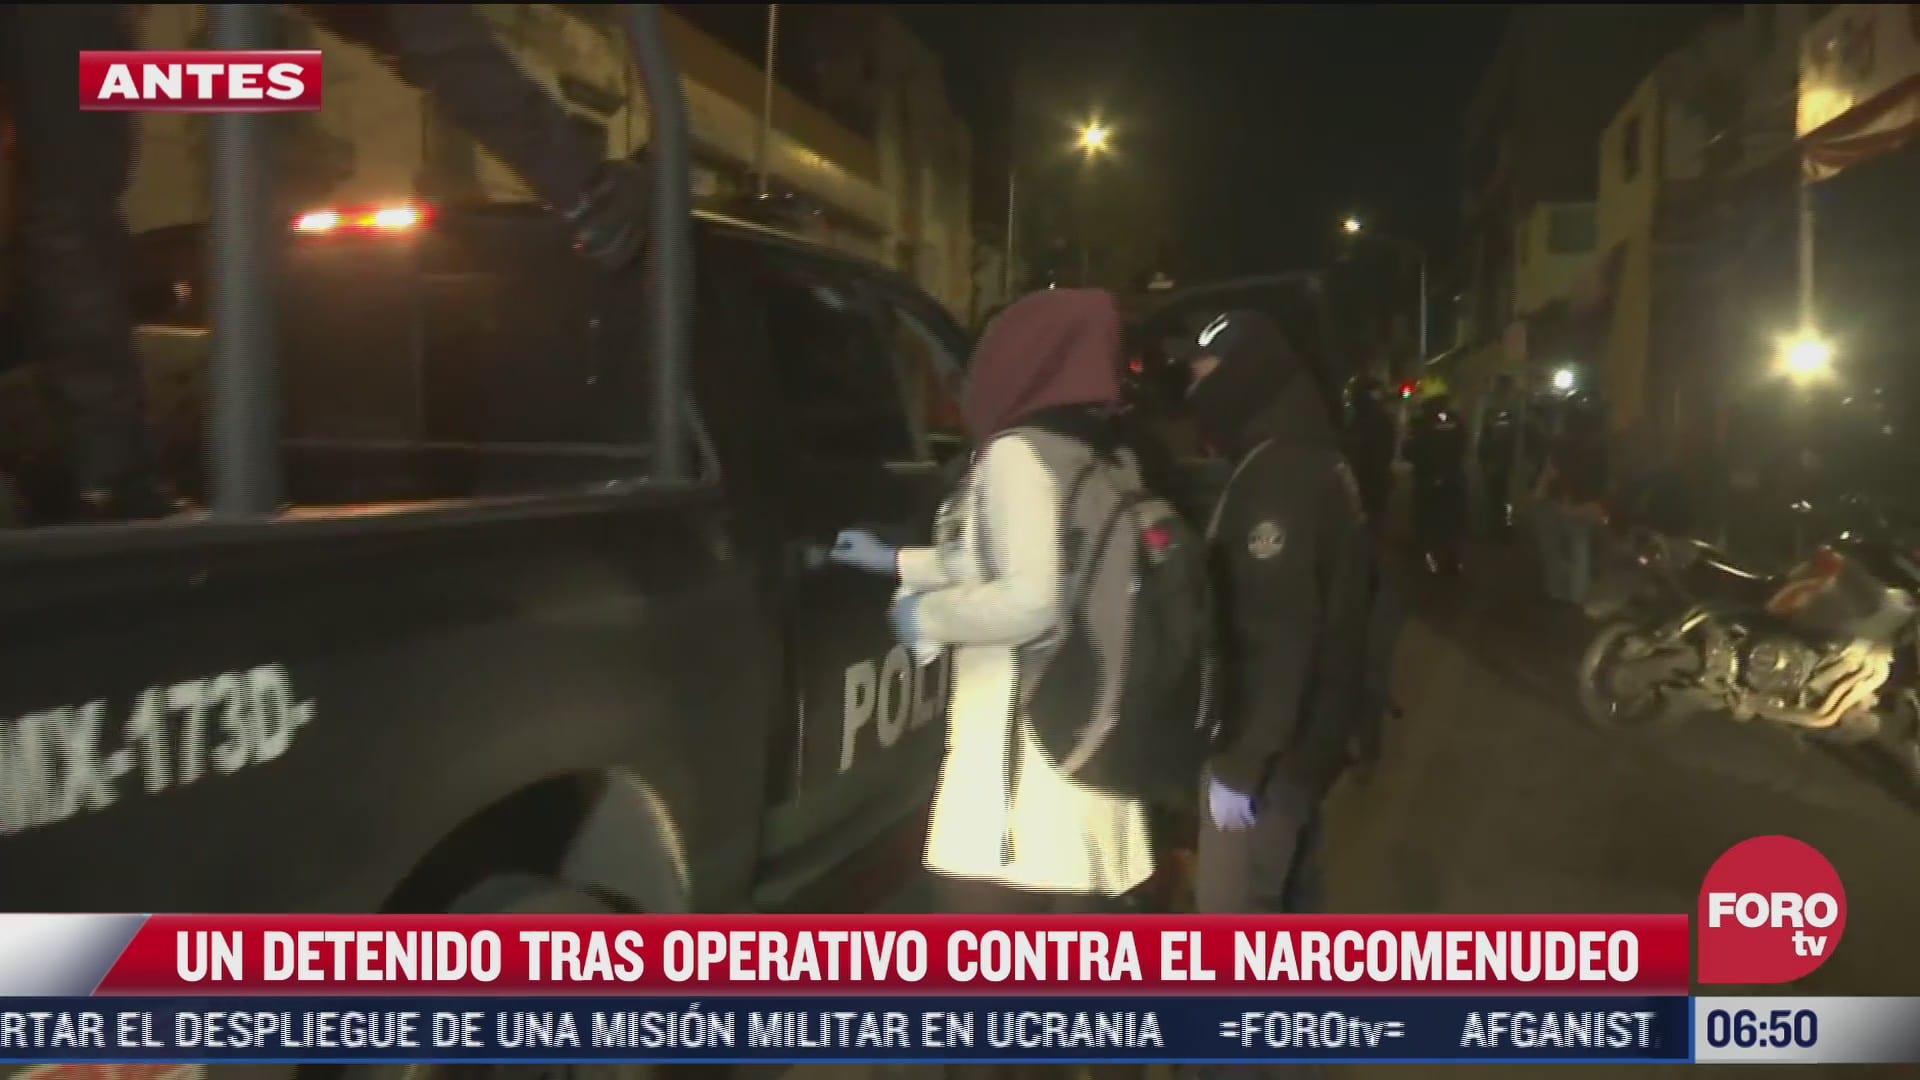 detienen a una persona en operativo contra narcomenudeo en vecindad de cdmx